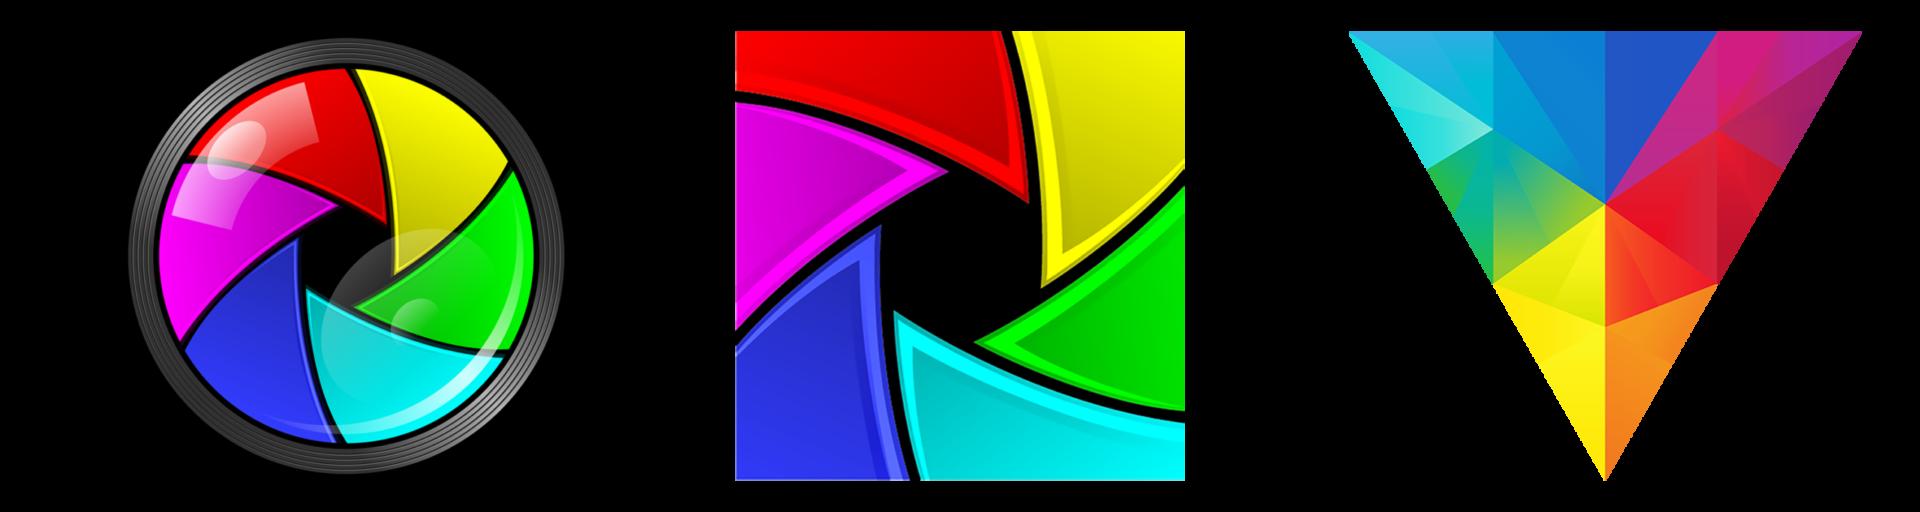 Old HitFilm Logos